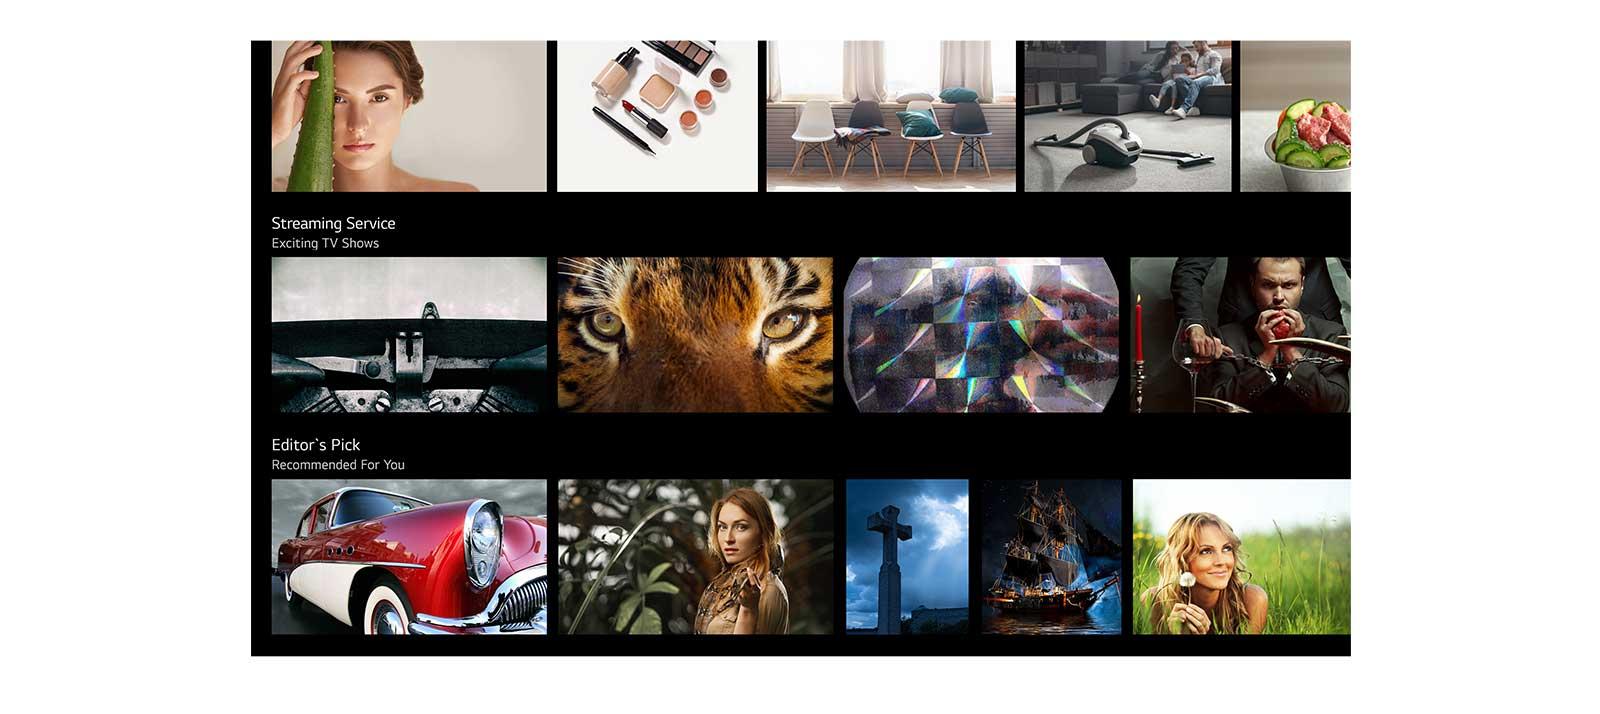 Ekran telewizora przedstawiający różne treści wyróżnione i polecane przez LG ThinQ AI